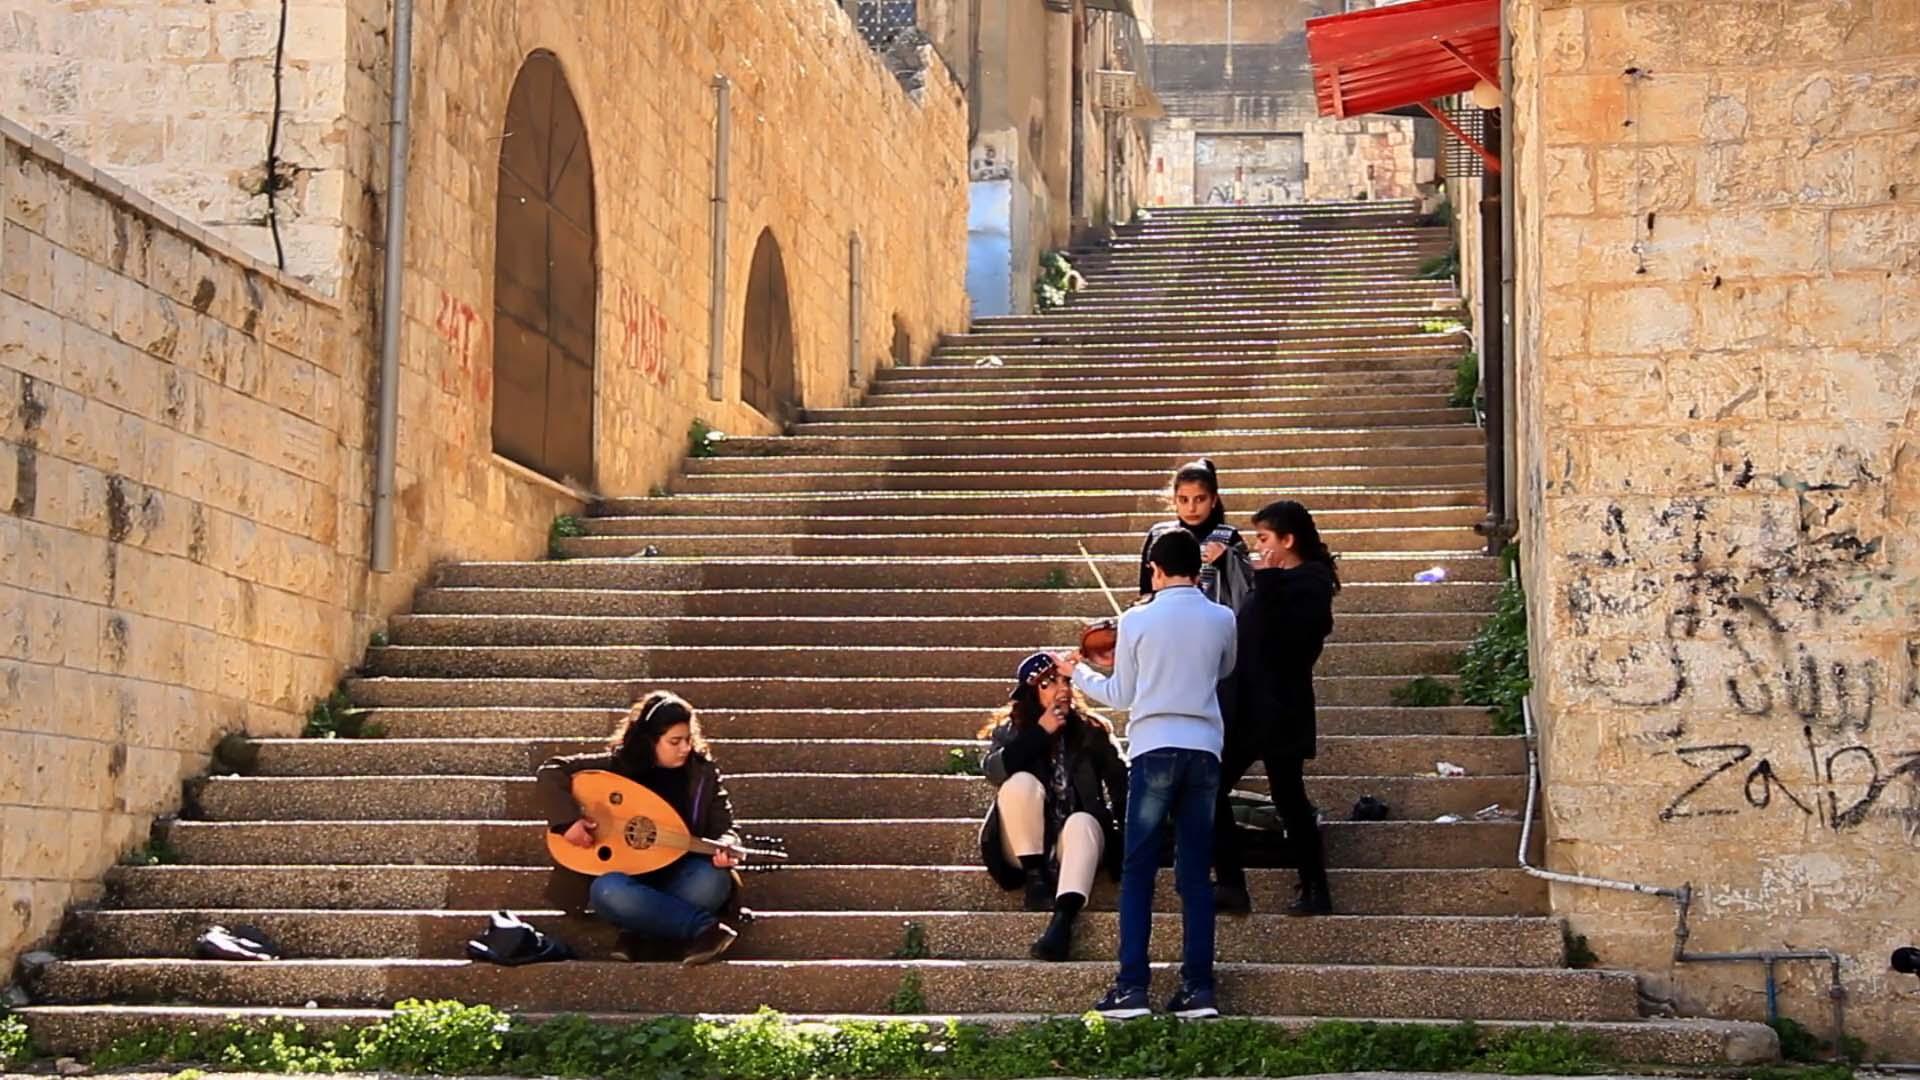 Festival Résistances Musique Accords et à cris Borderline 2021 25e édition Foix Ariège